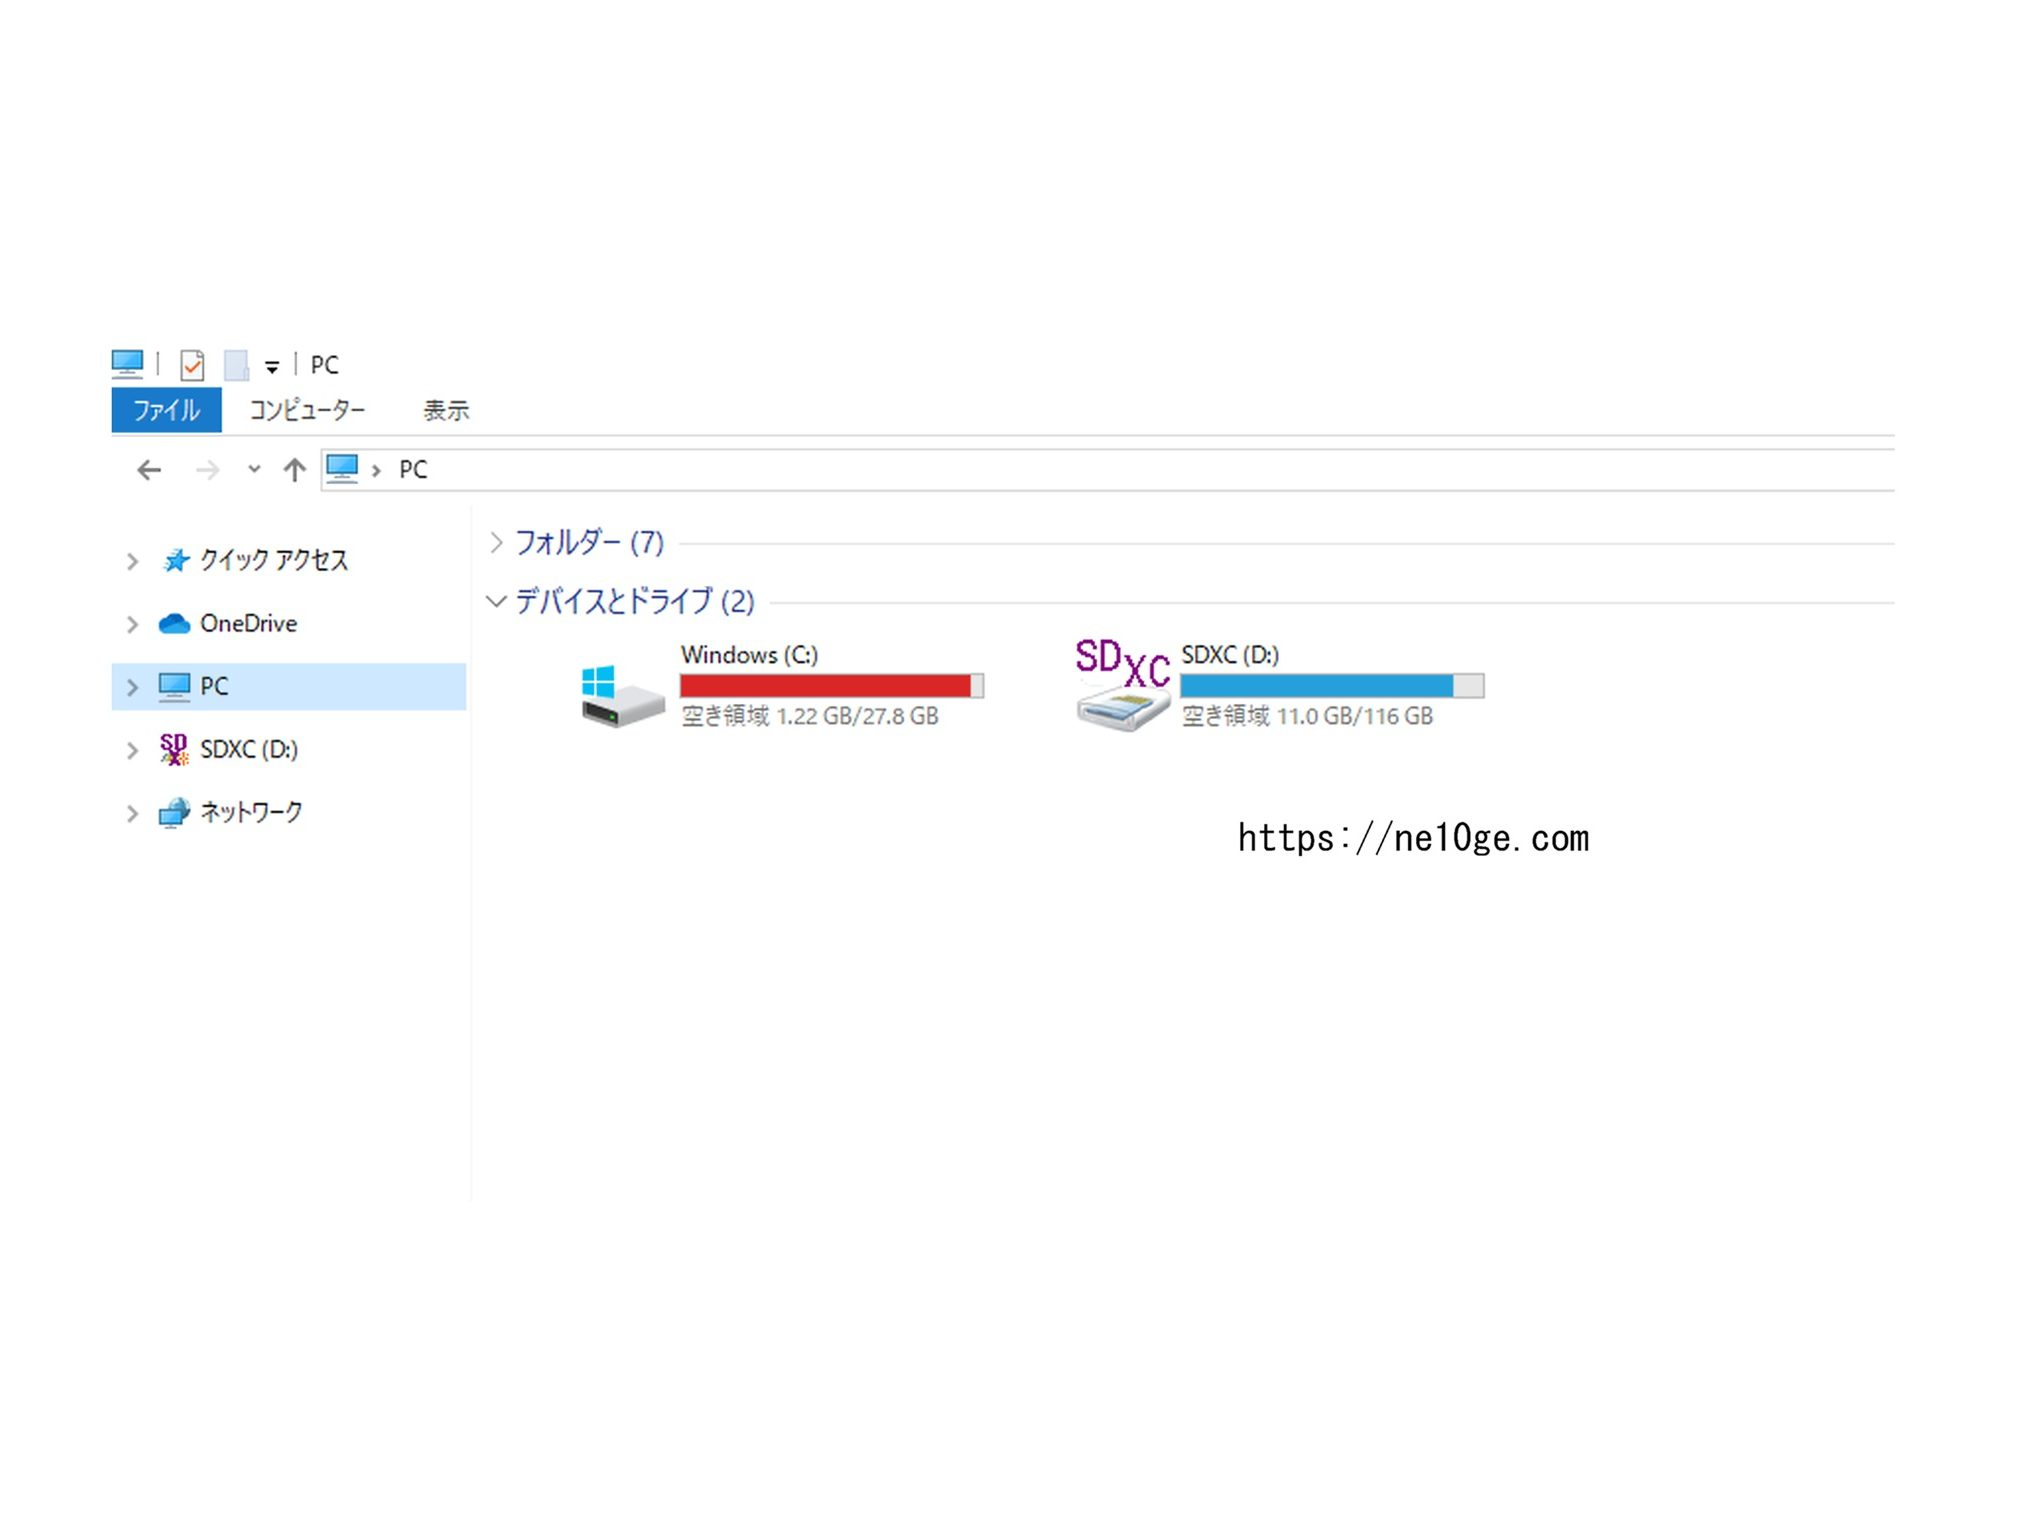 PCタブにSDXCカードが表示される